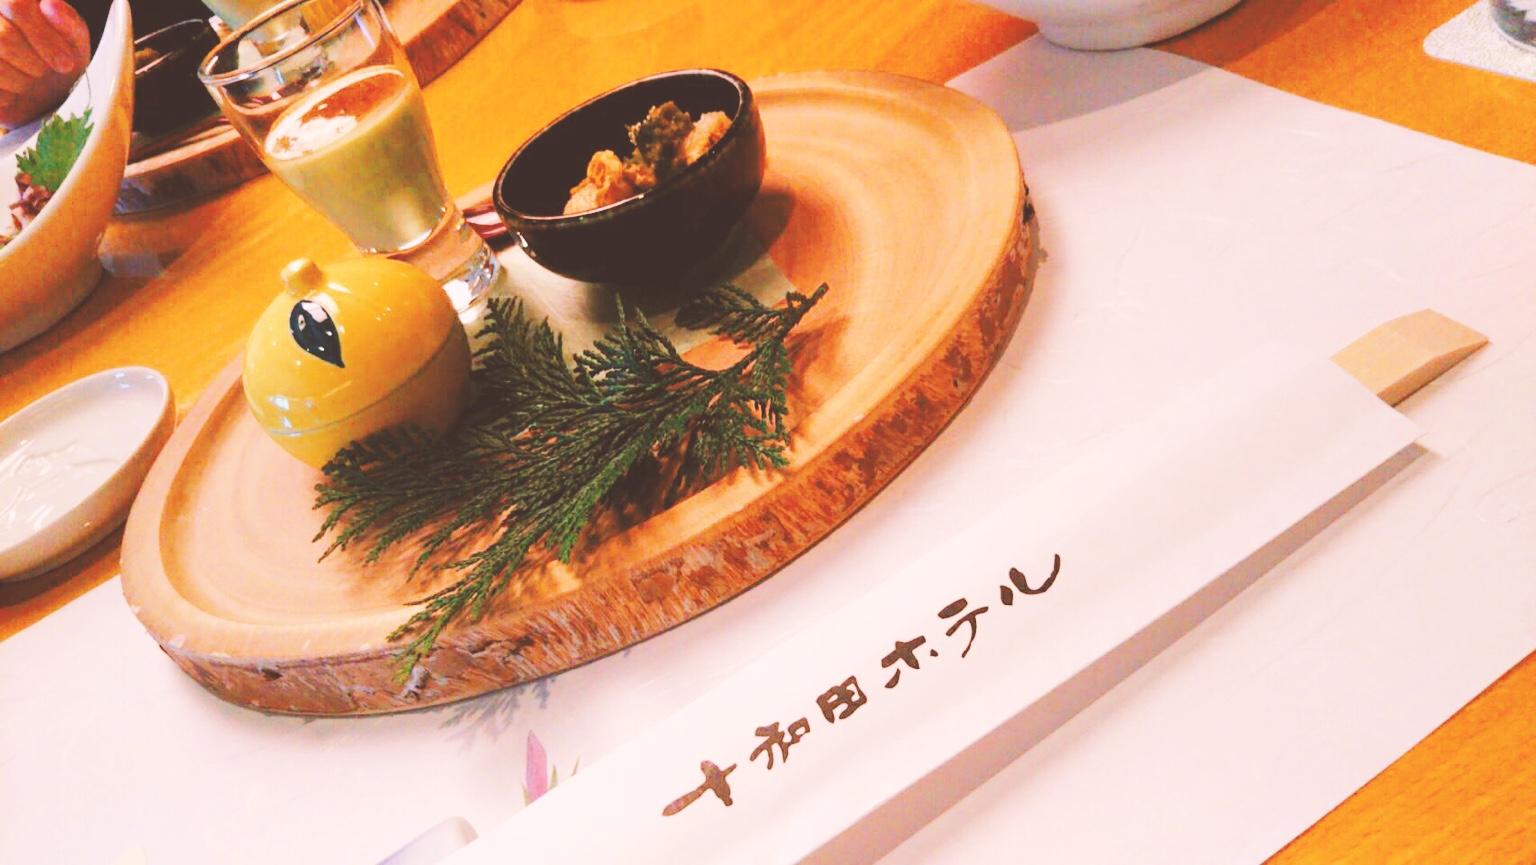 十和田ホテルを満喫!旬のお料理と絶景